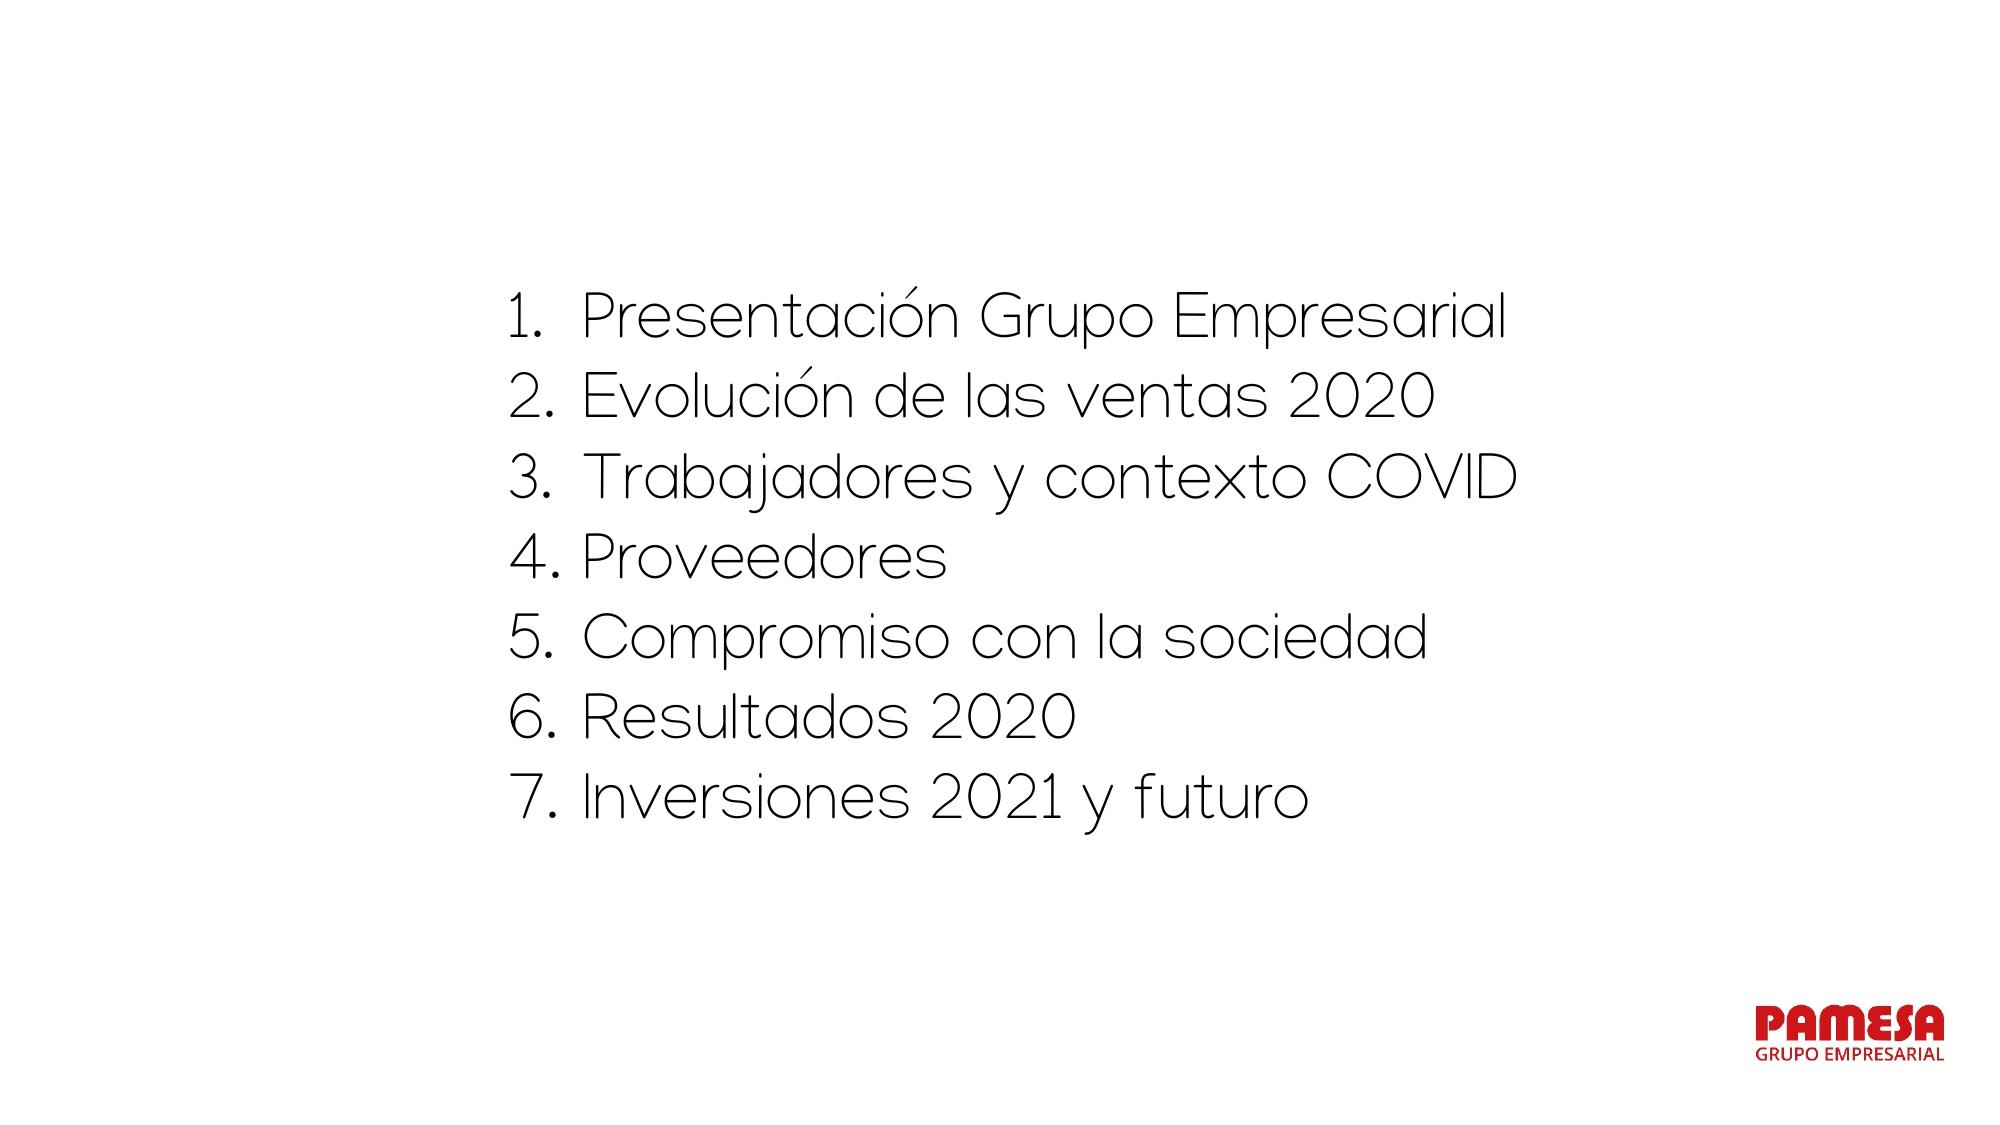 RESULTADOS_ pamesa_grupo_empresarial_page-0002